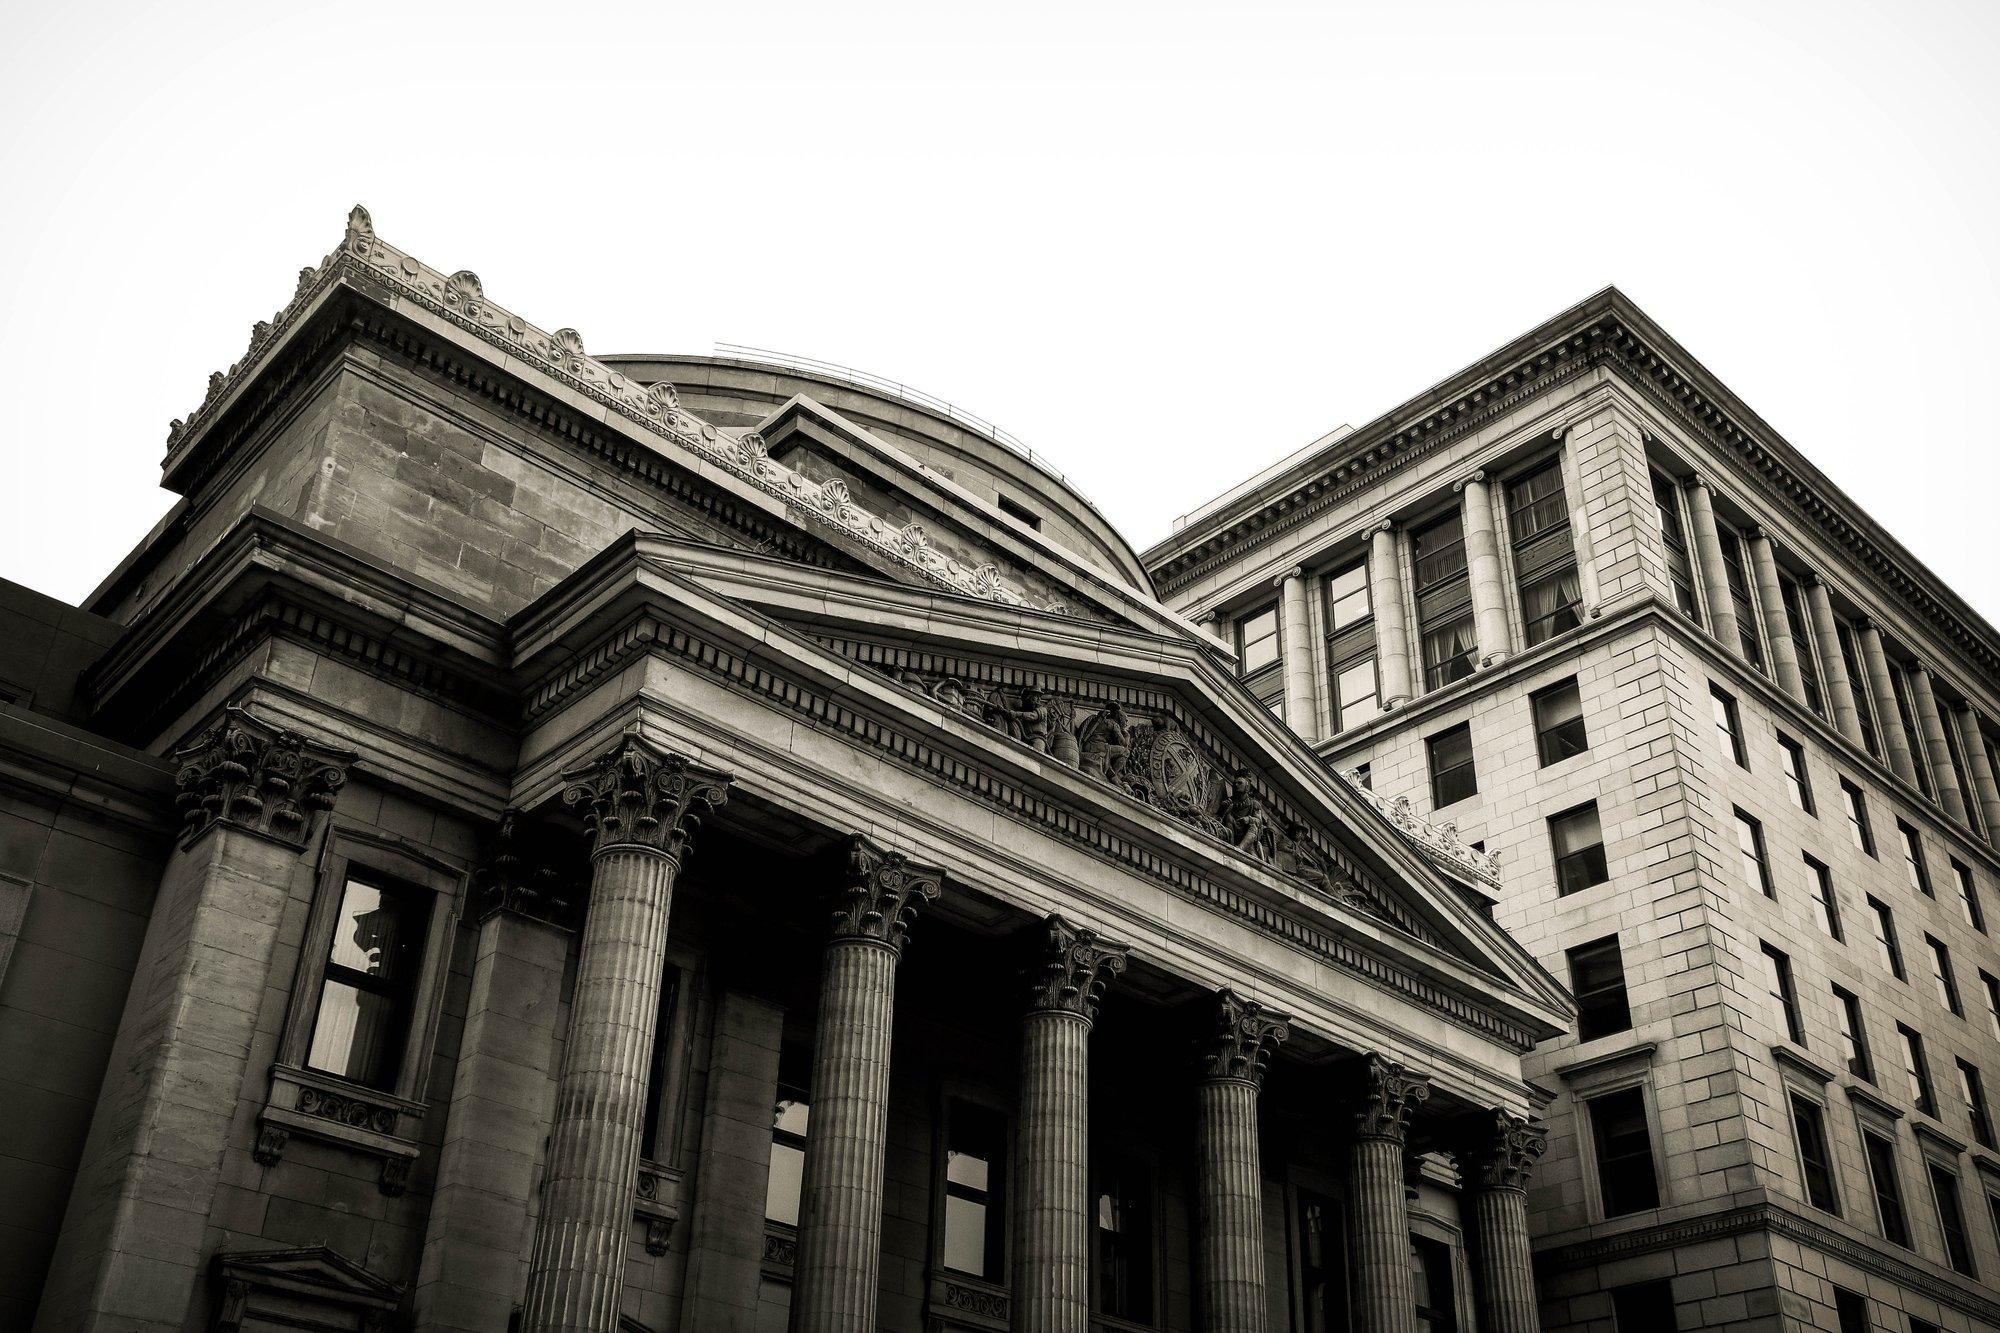 Goed nieuws van de banksector: de bankendeal wordt verlengd!